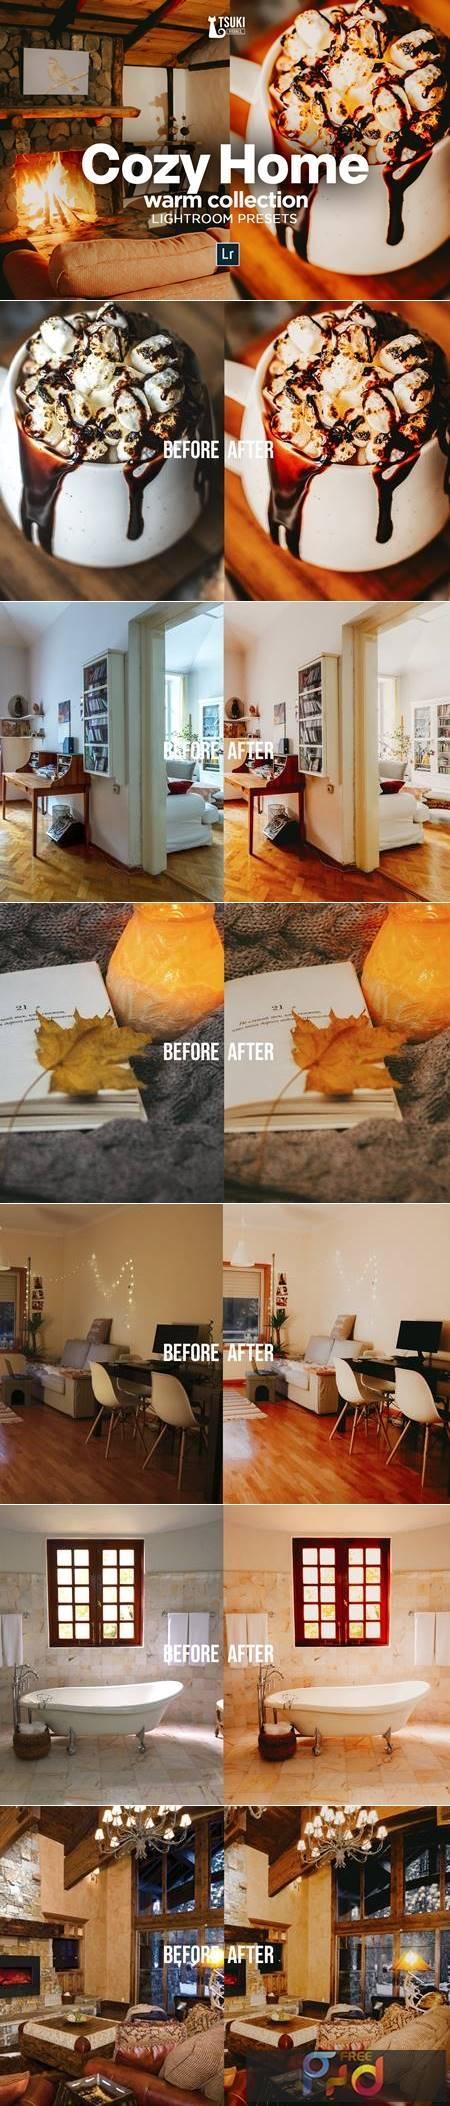 Cozy Home Lightroom Presets 4726180 1